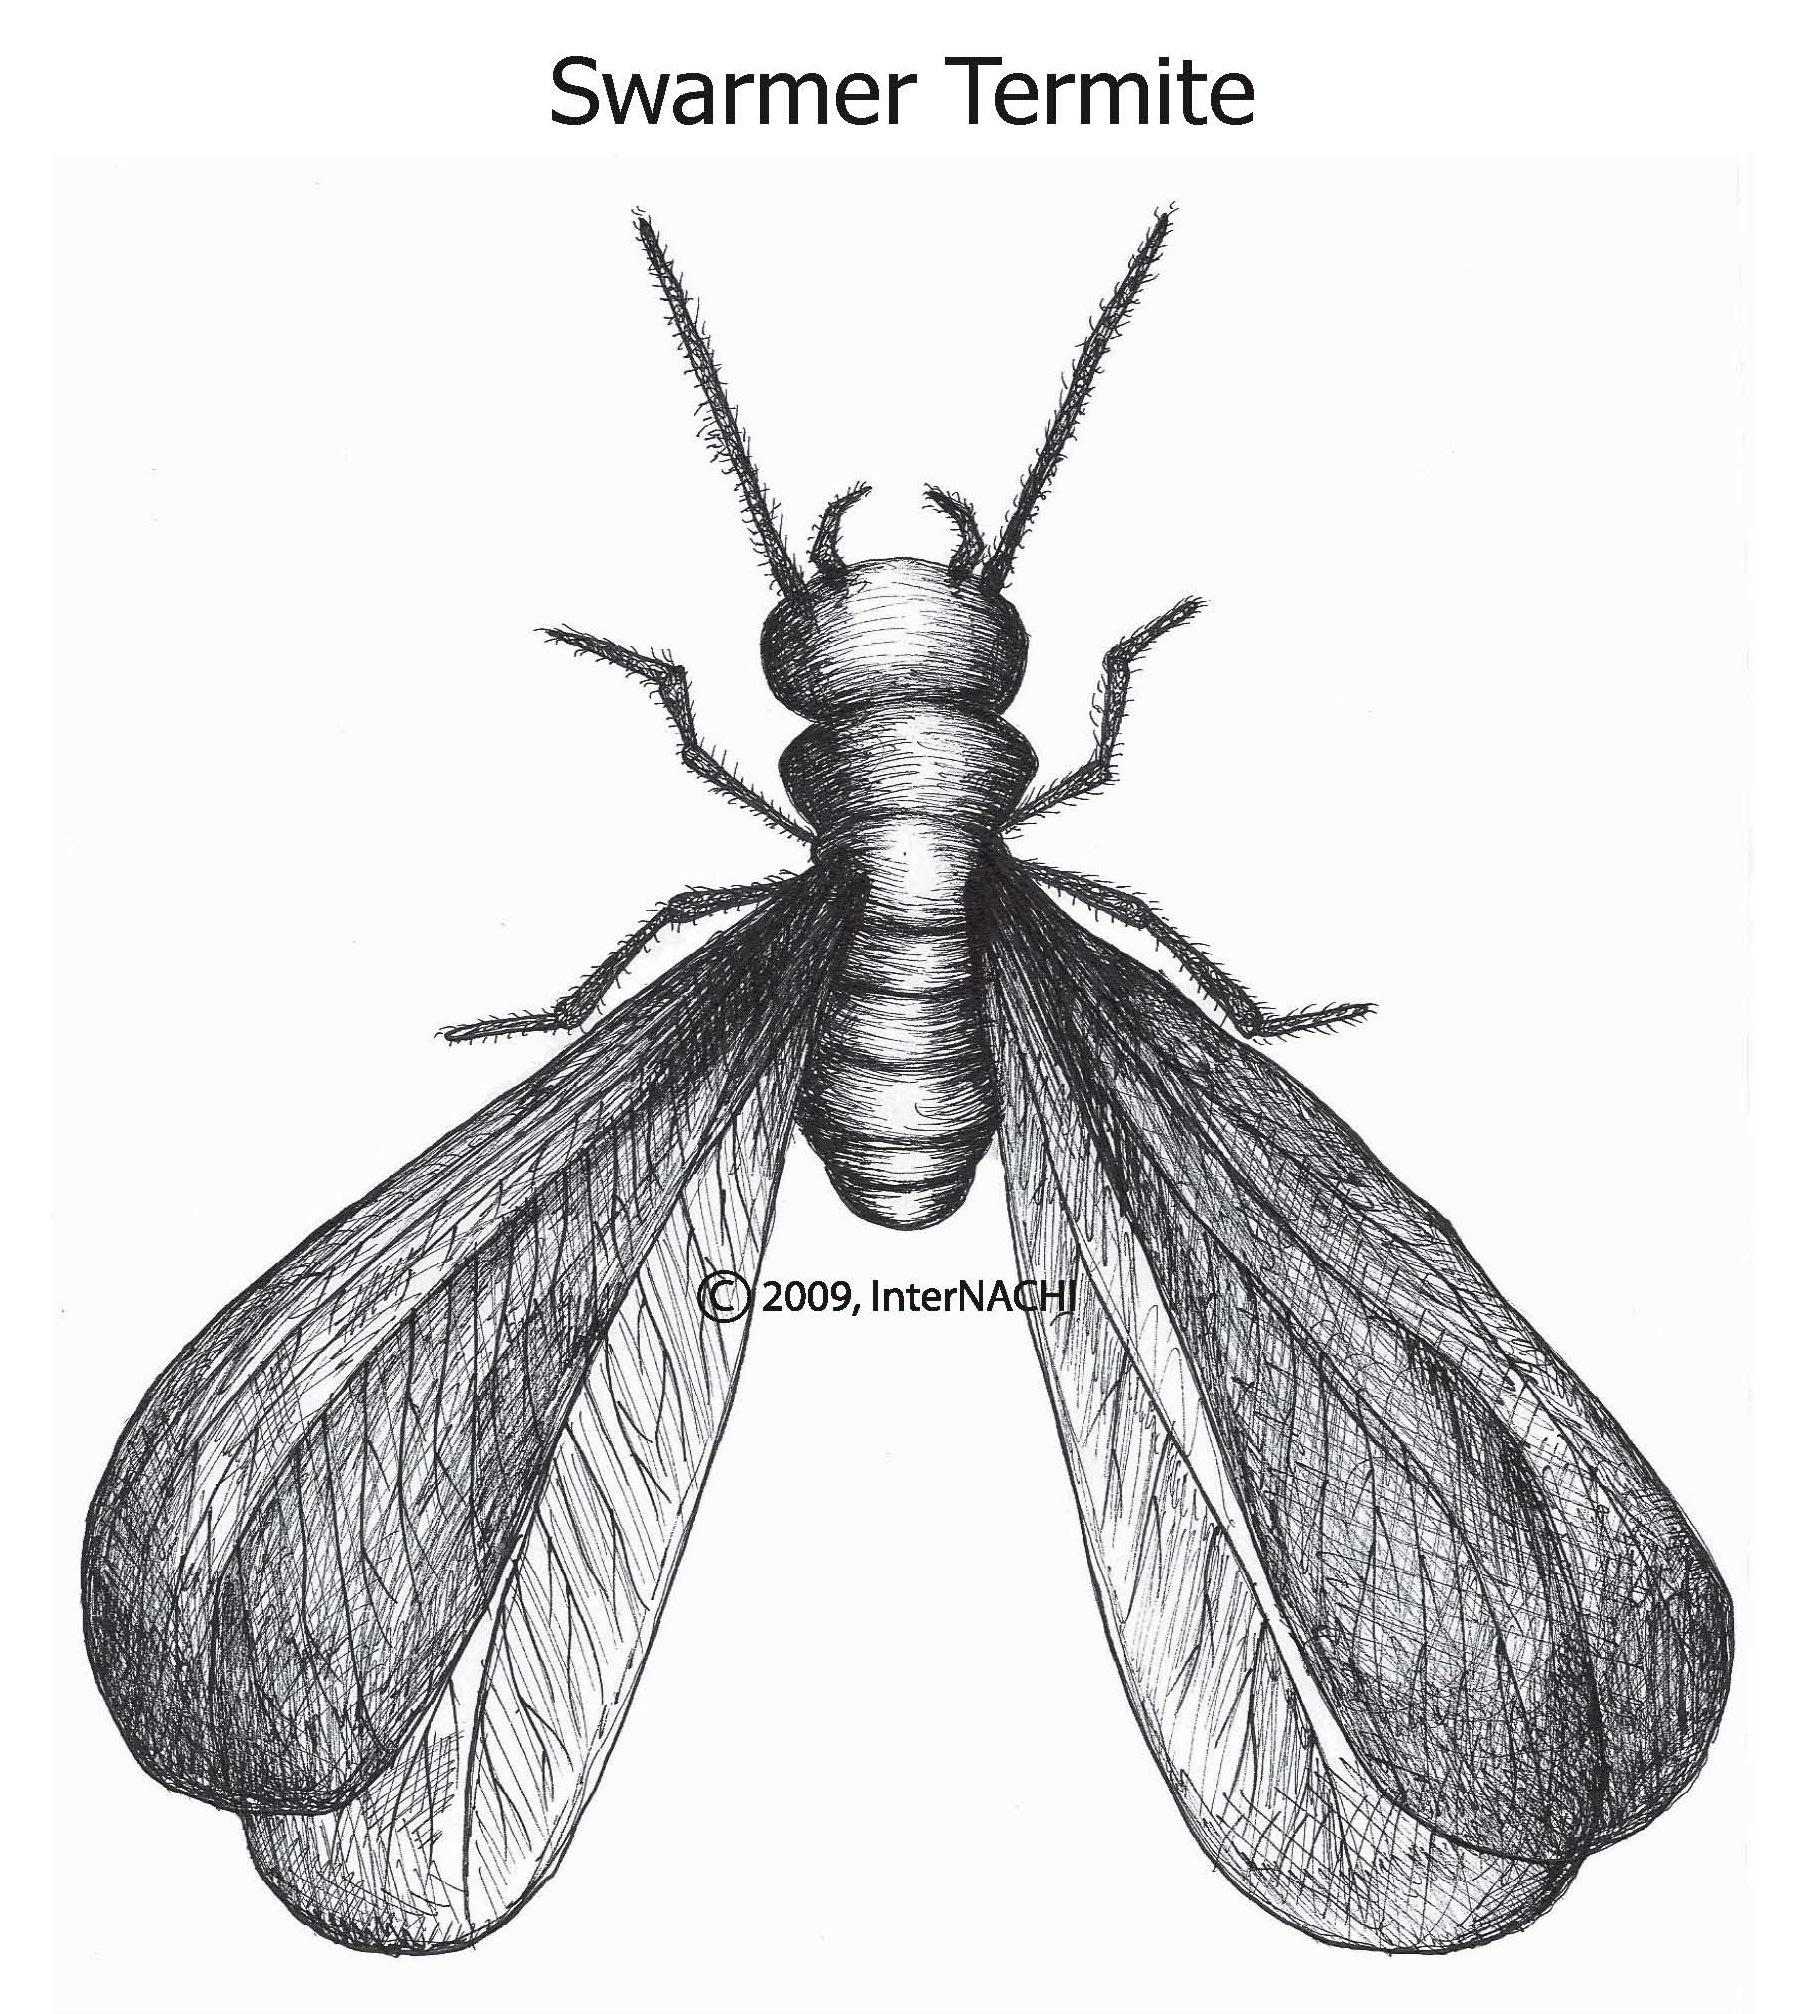 Swarmer termite.